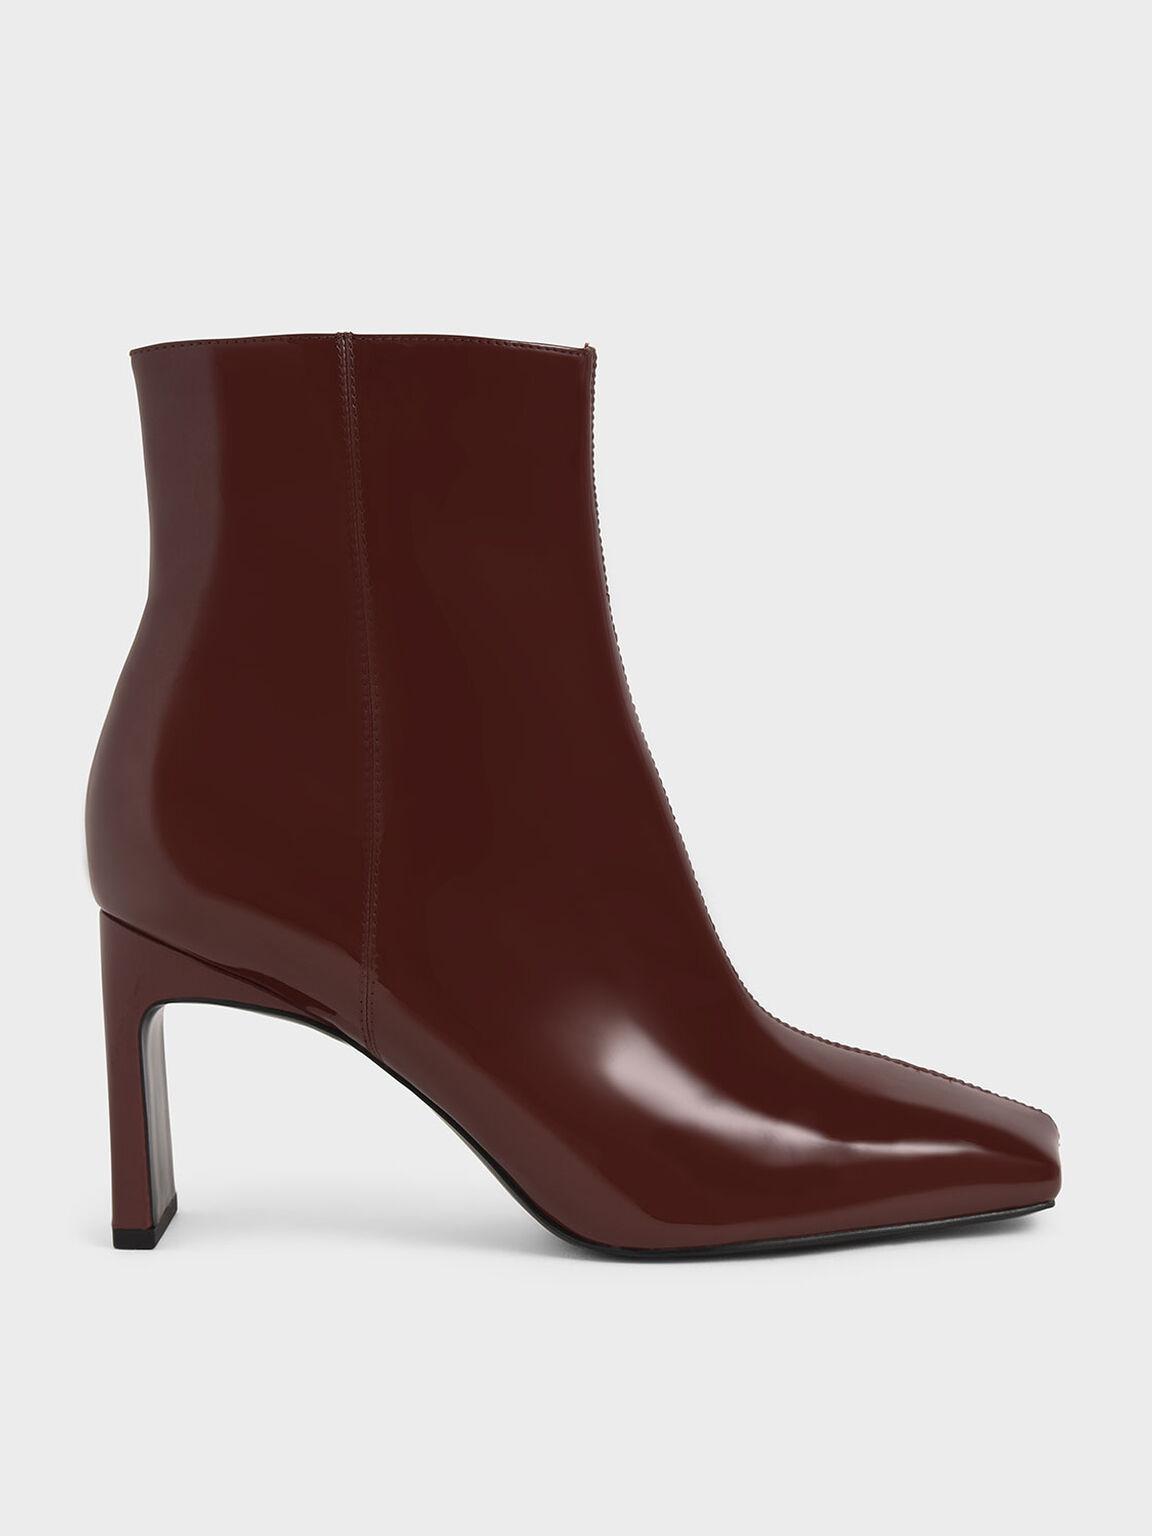 Blade Heel Ankle Boots, Cognac, hi-res